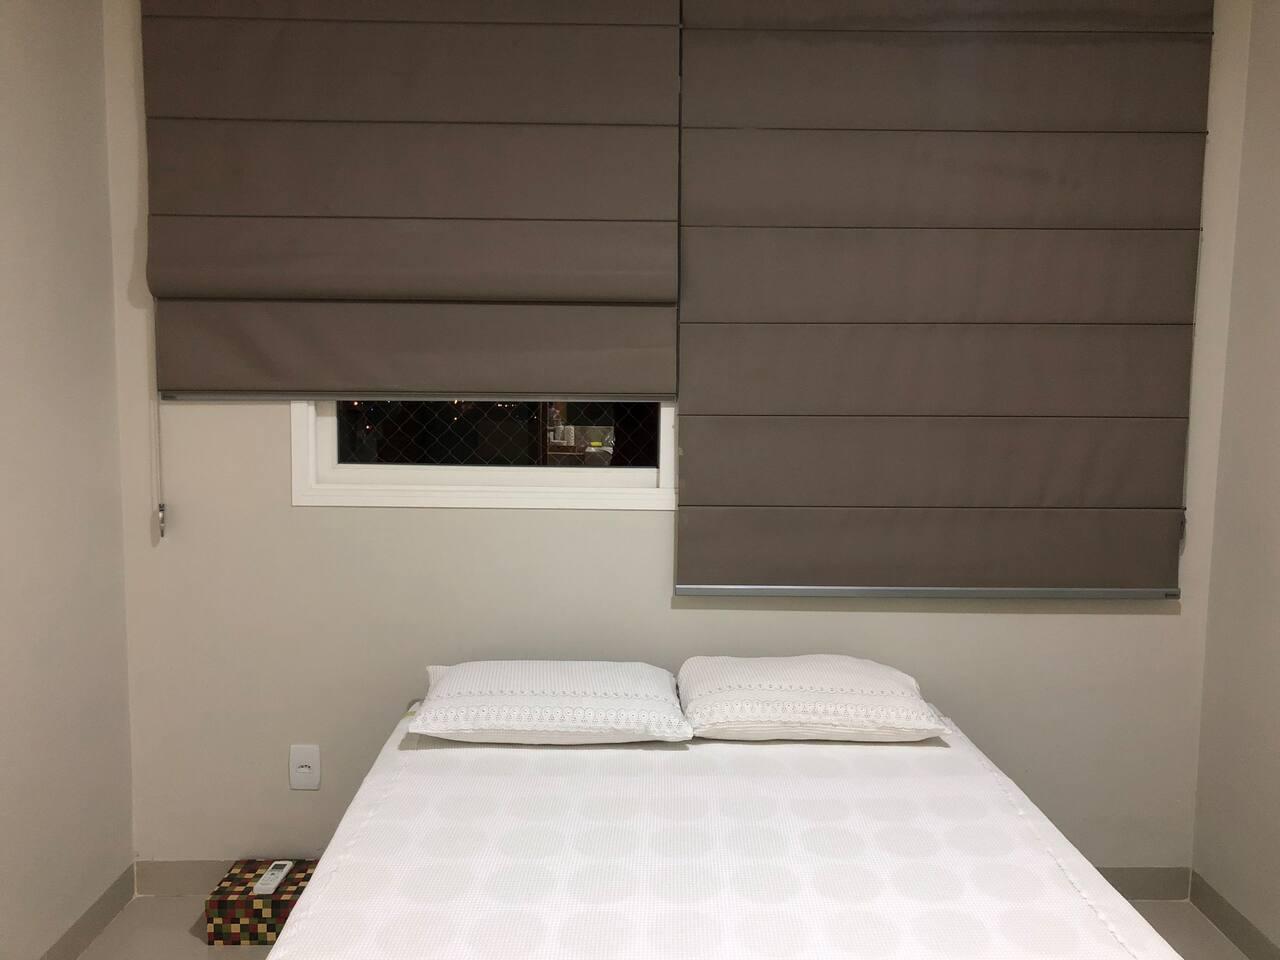 Suite com cama box de casal, cortina blackout, edredons, roupa de banho, mesa de apoio e aparelho de ar condicionado.